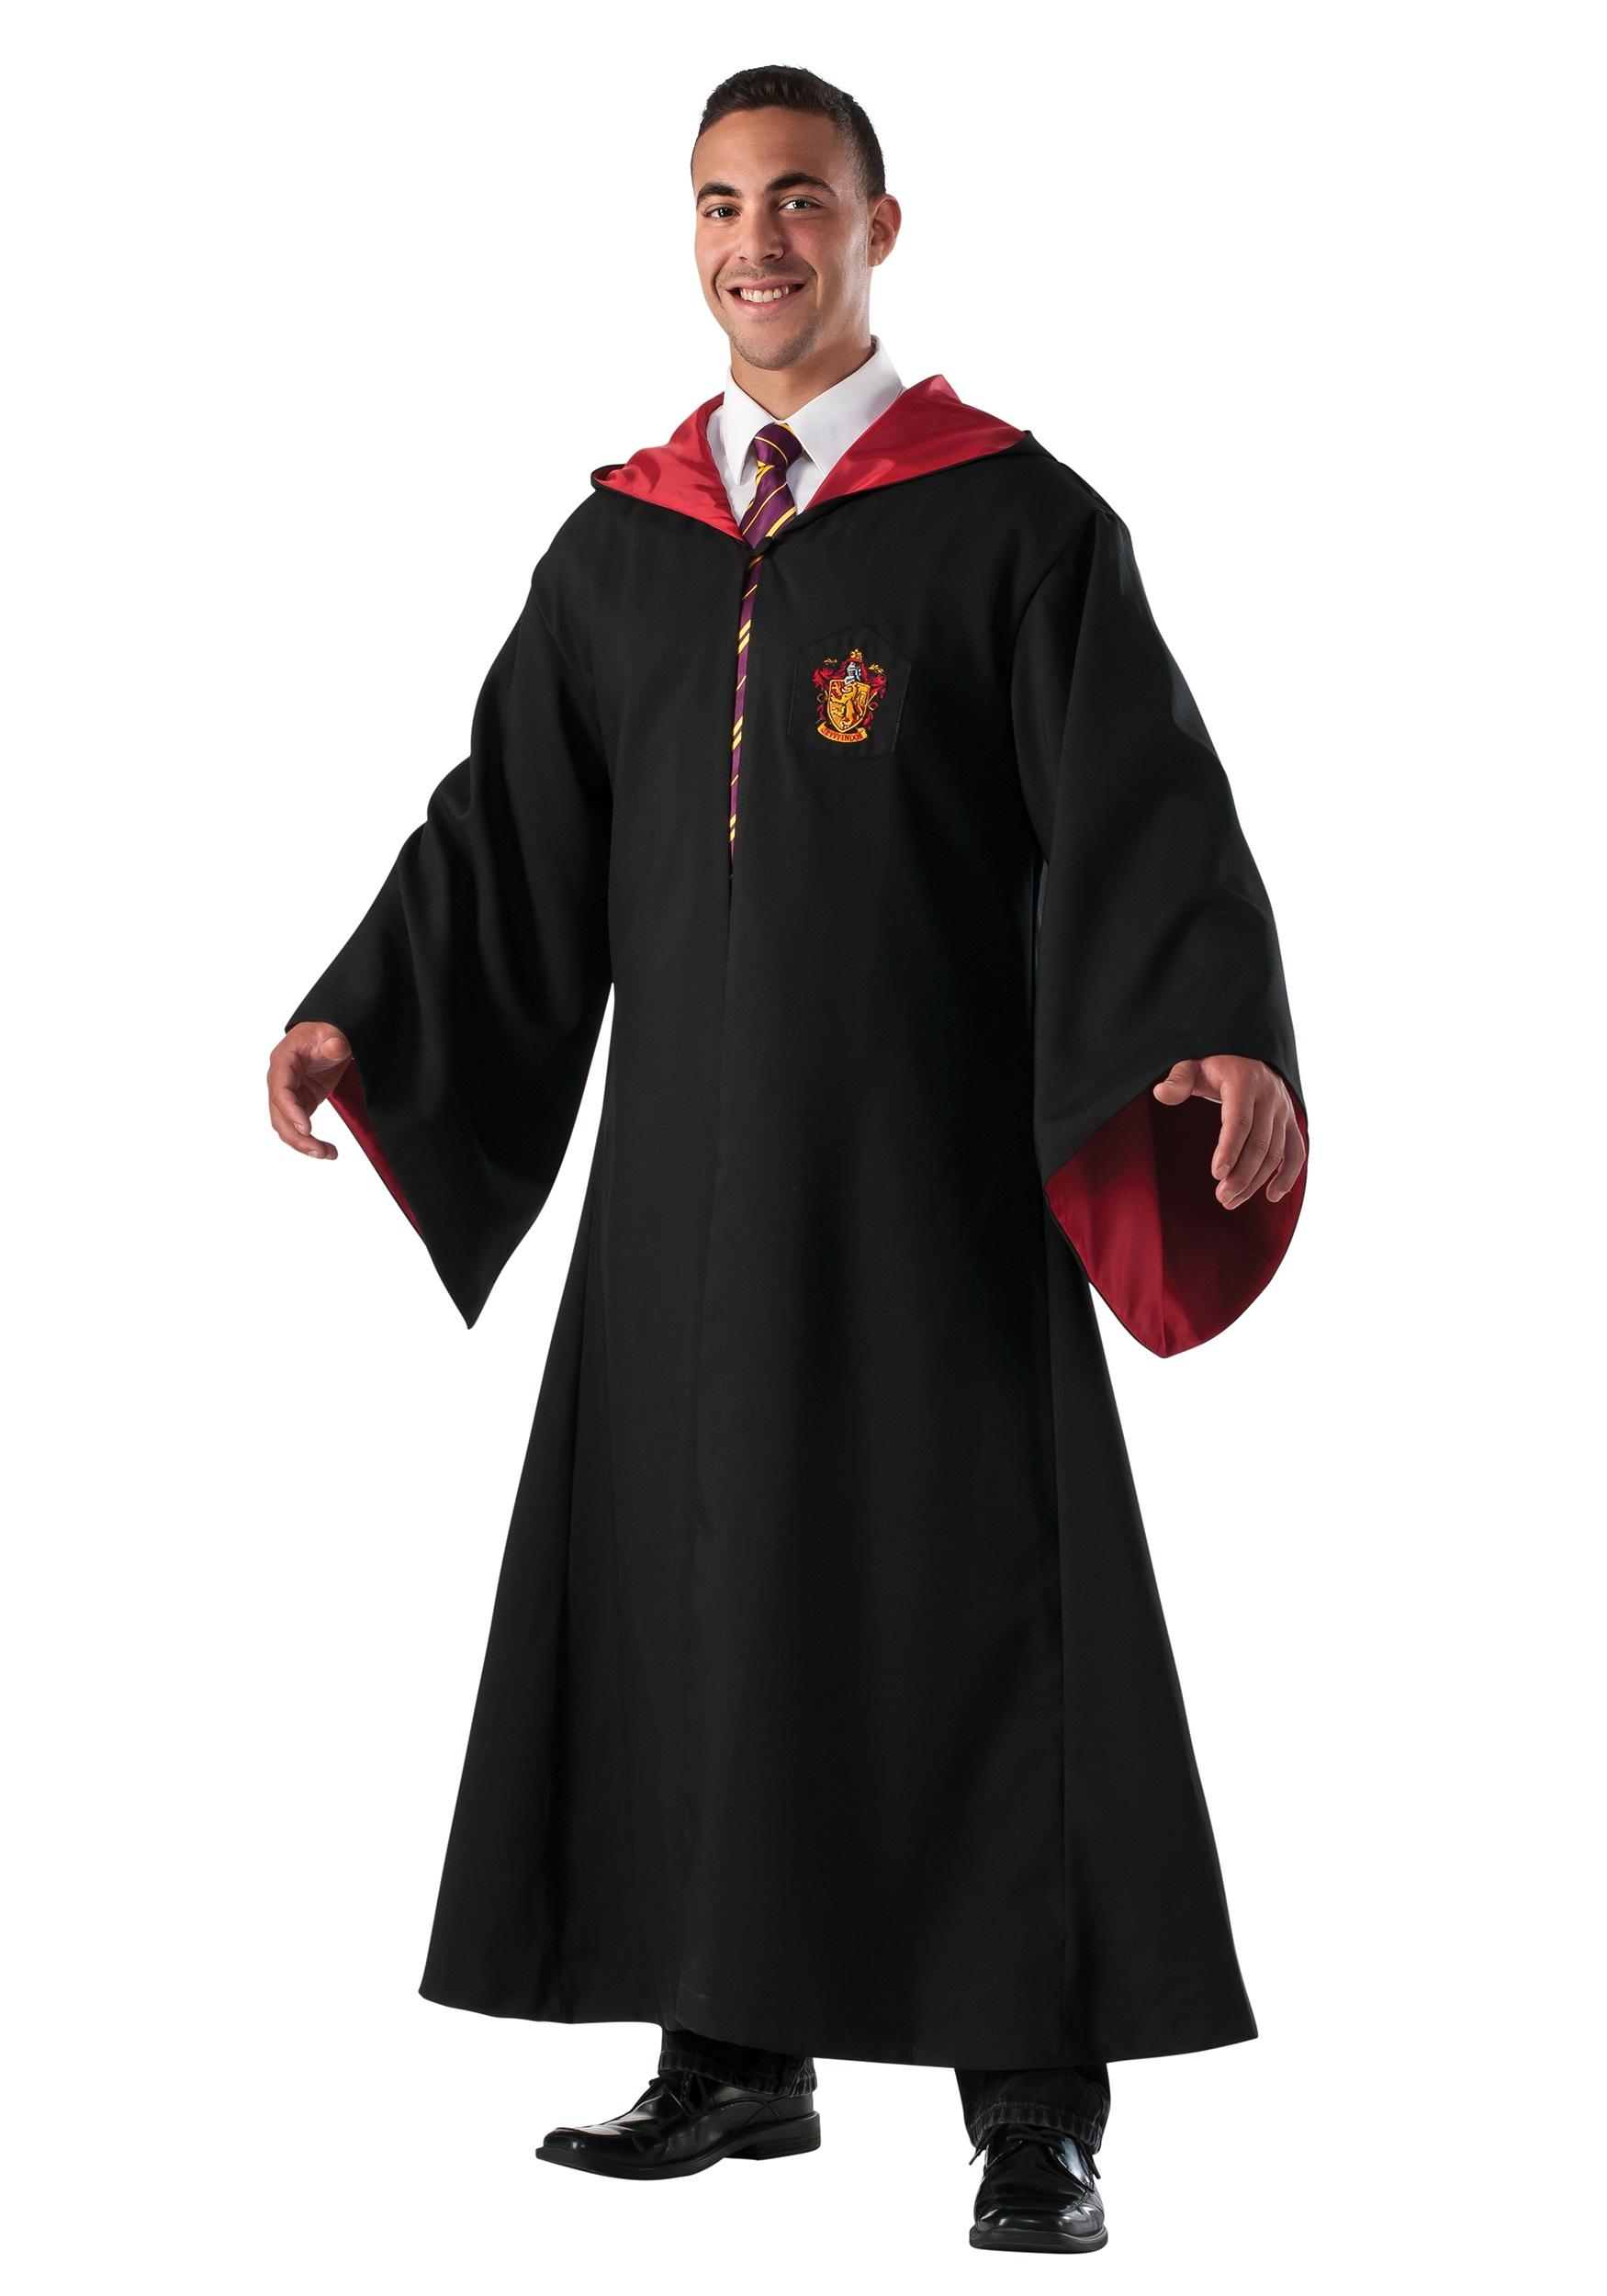 Costume Robe Replica Replica Gryffindor Gryffindor MVGqLUzpS